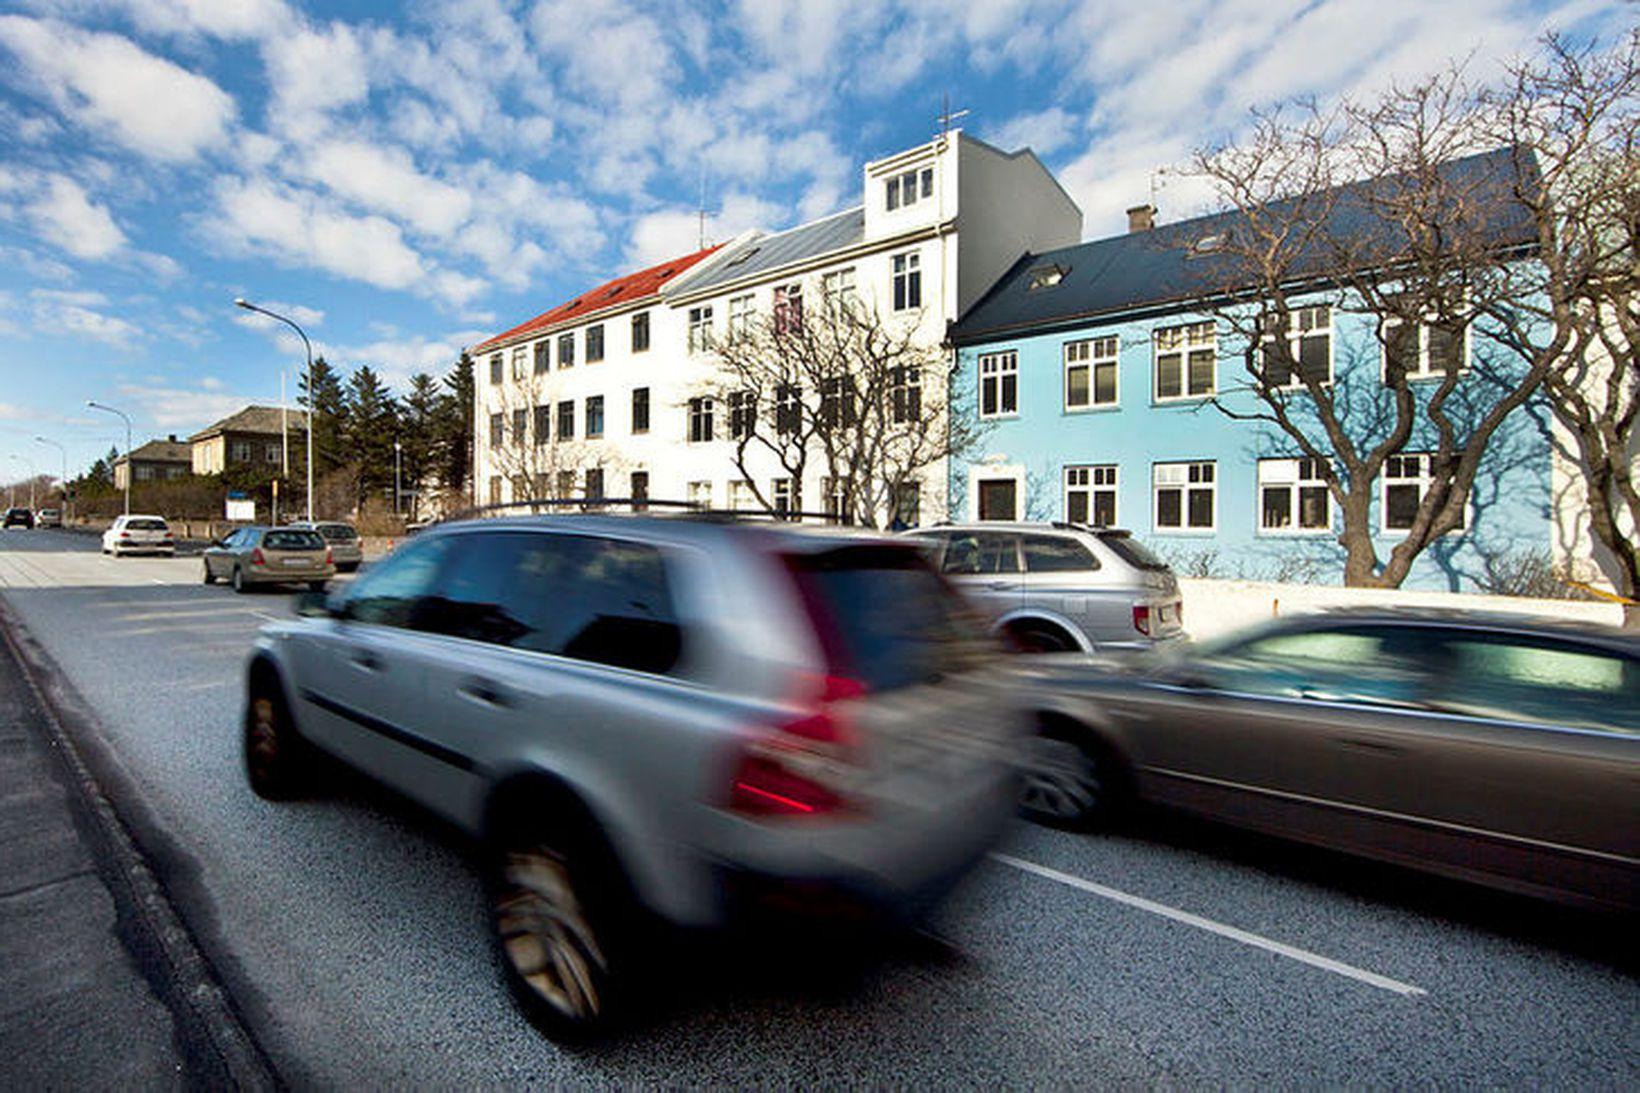 Hámarkshraði á stærstum hluta gatna í Reykjavík verður 40 og …